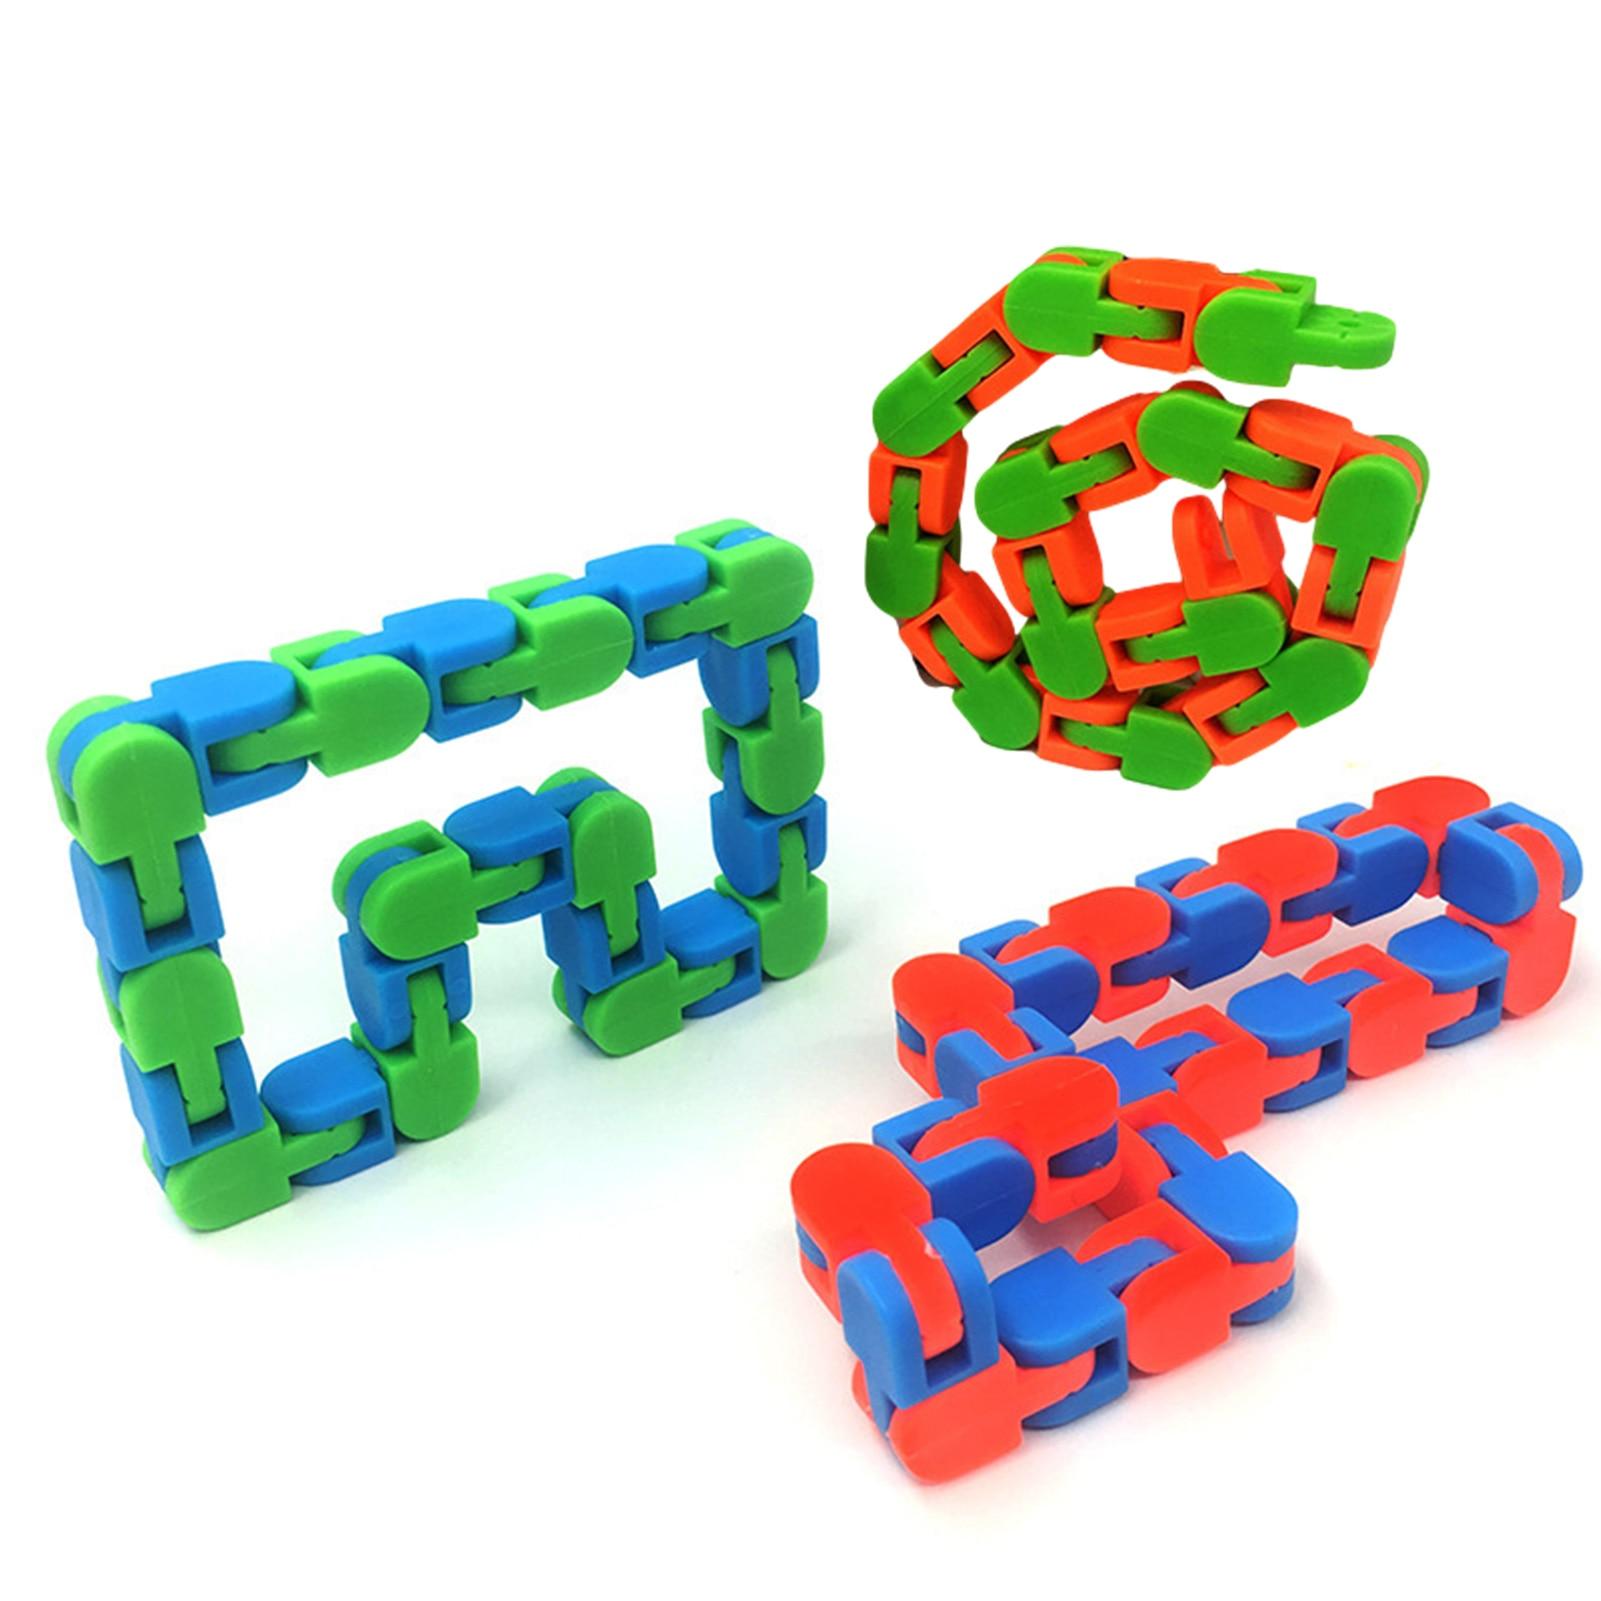 Мягкие треки, змея, пазлы, Классическая сенсорная игрушка, игрушки для снятия стресса, антистрессовые игрушки, игрушки для снятия стресса